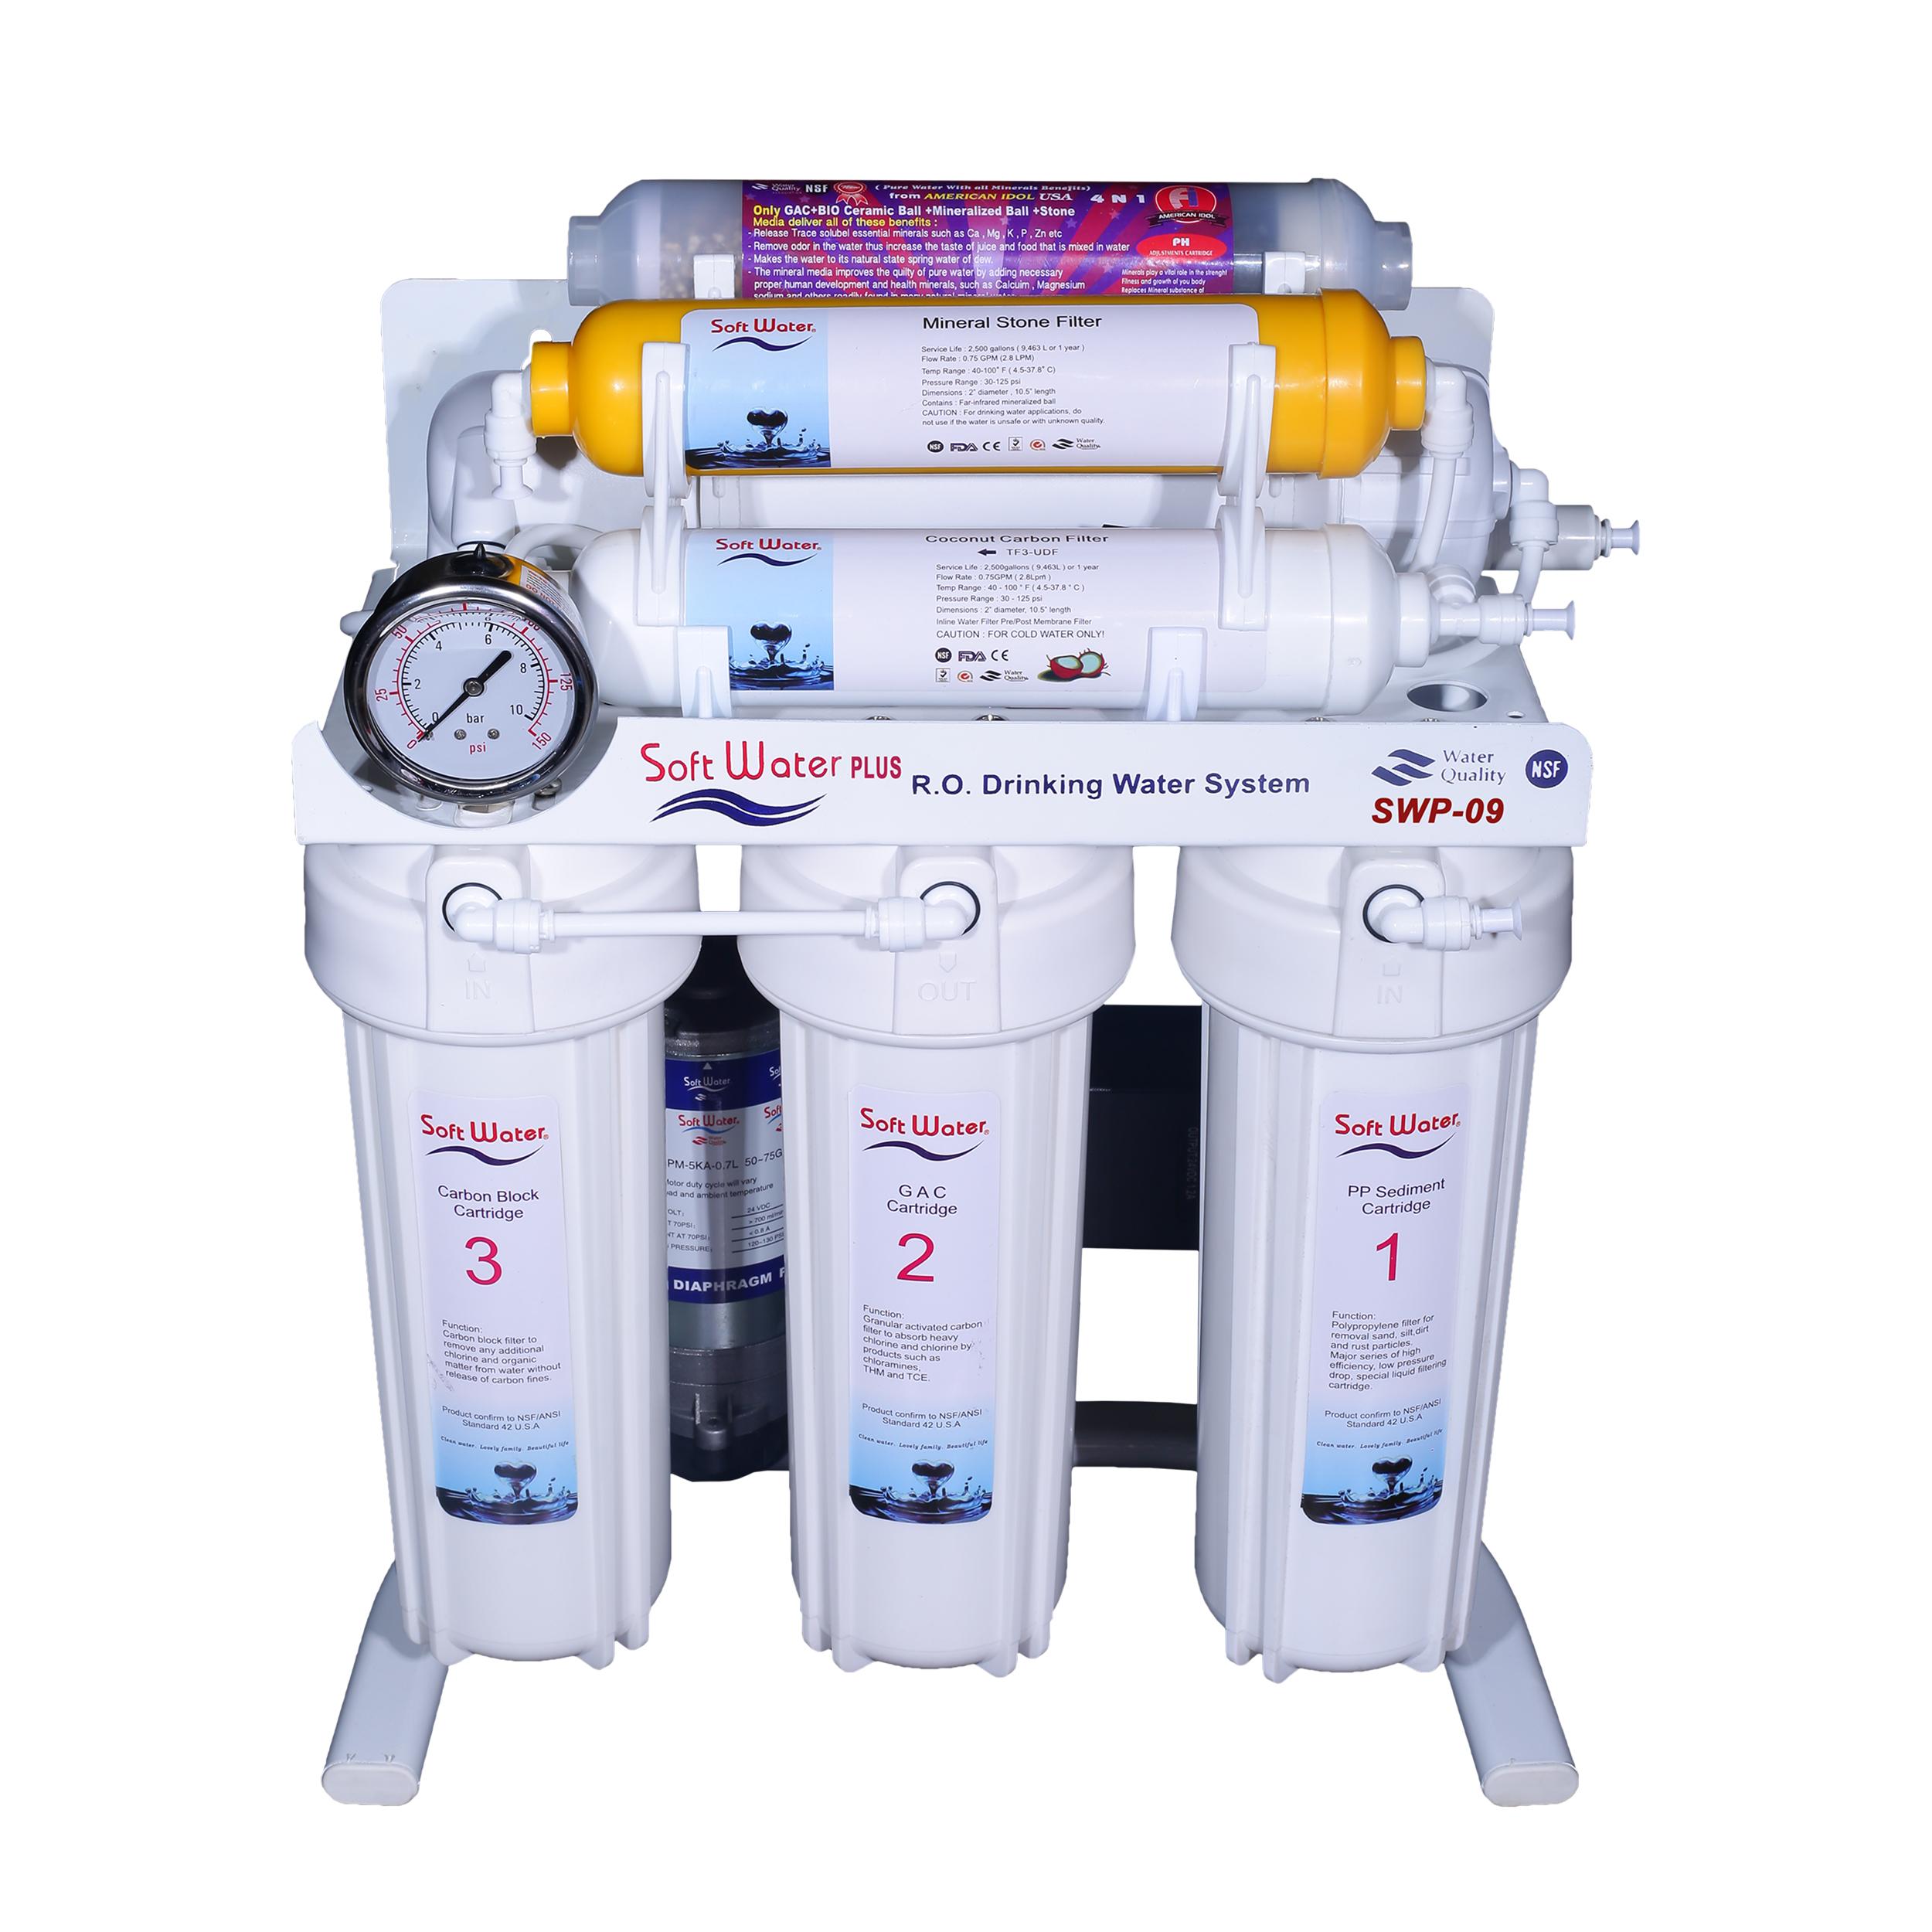 دستگاه تصفیه کننده آب سافت واتر مدل پلاس SWP-09